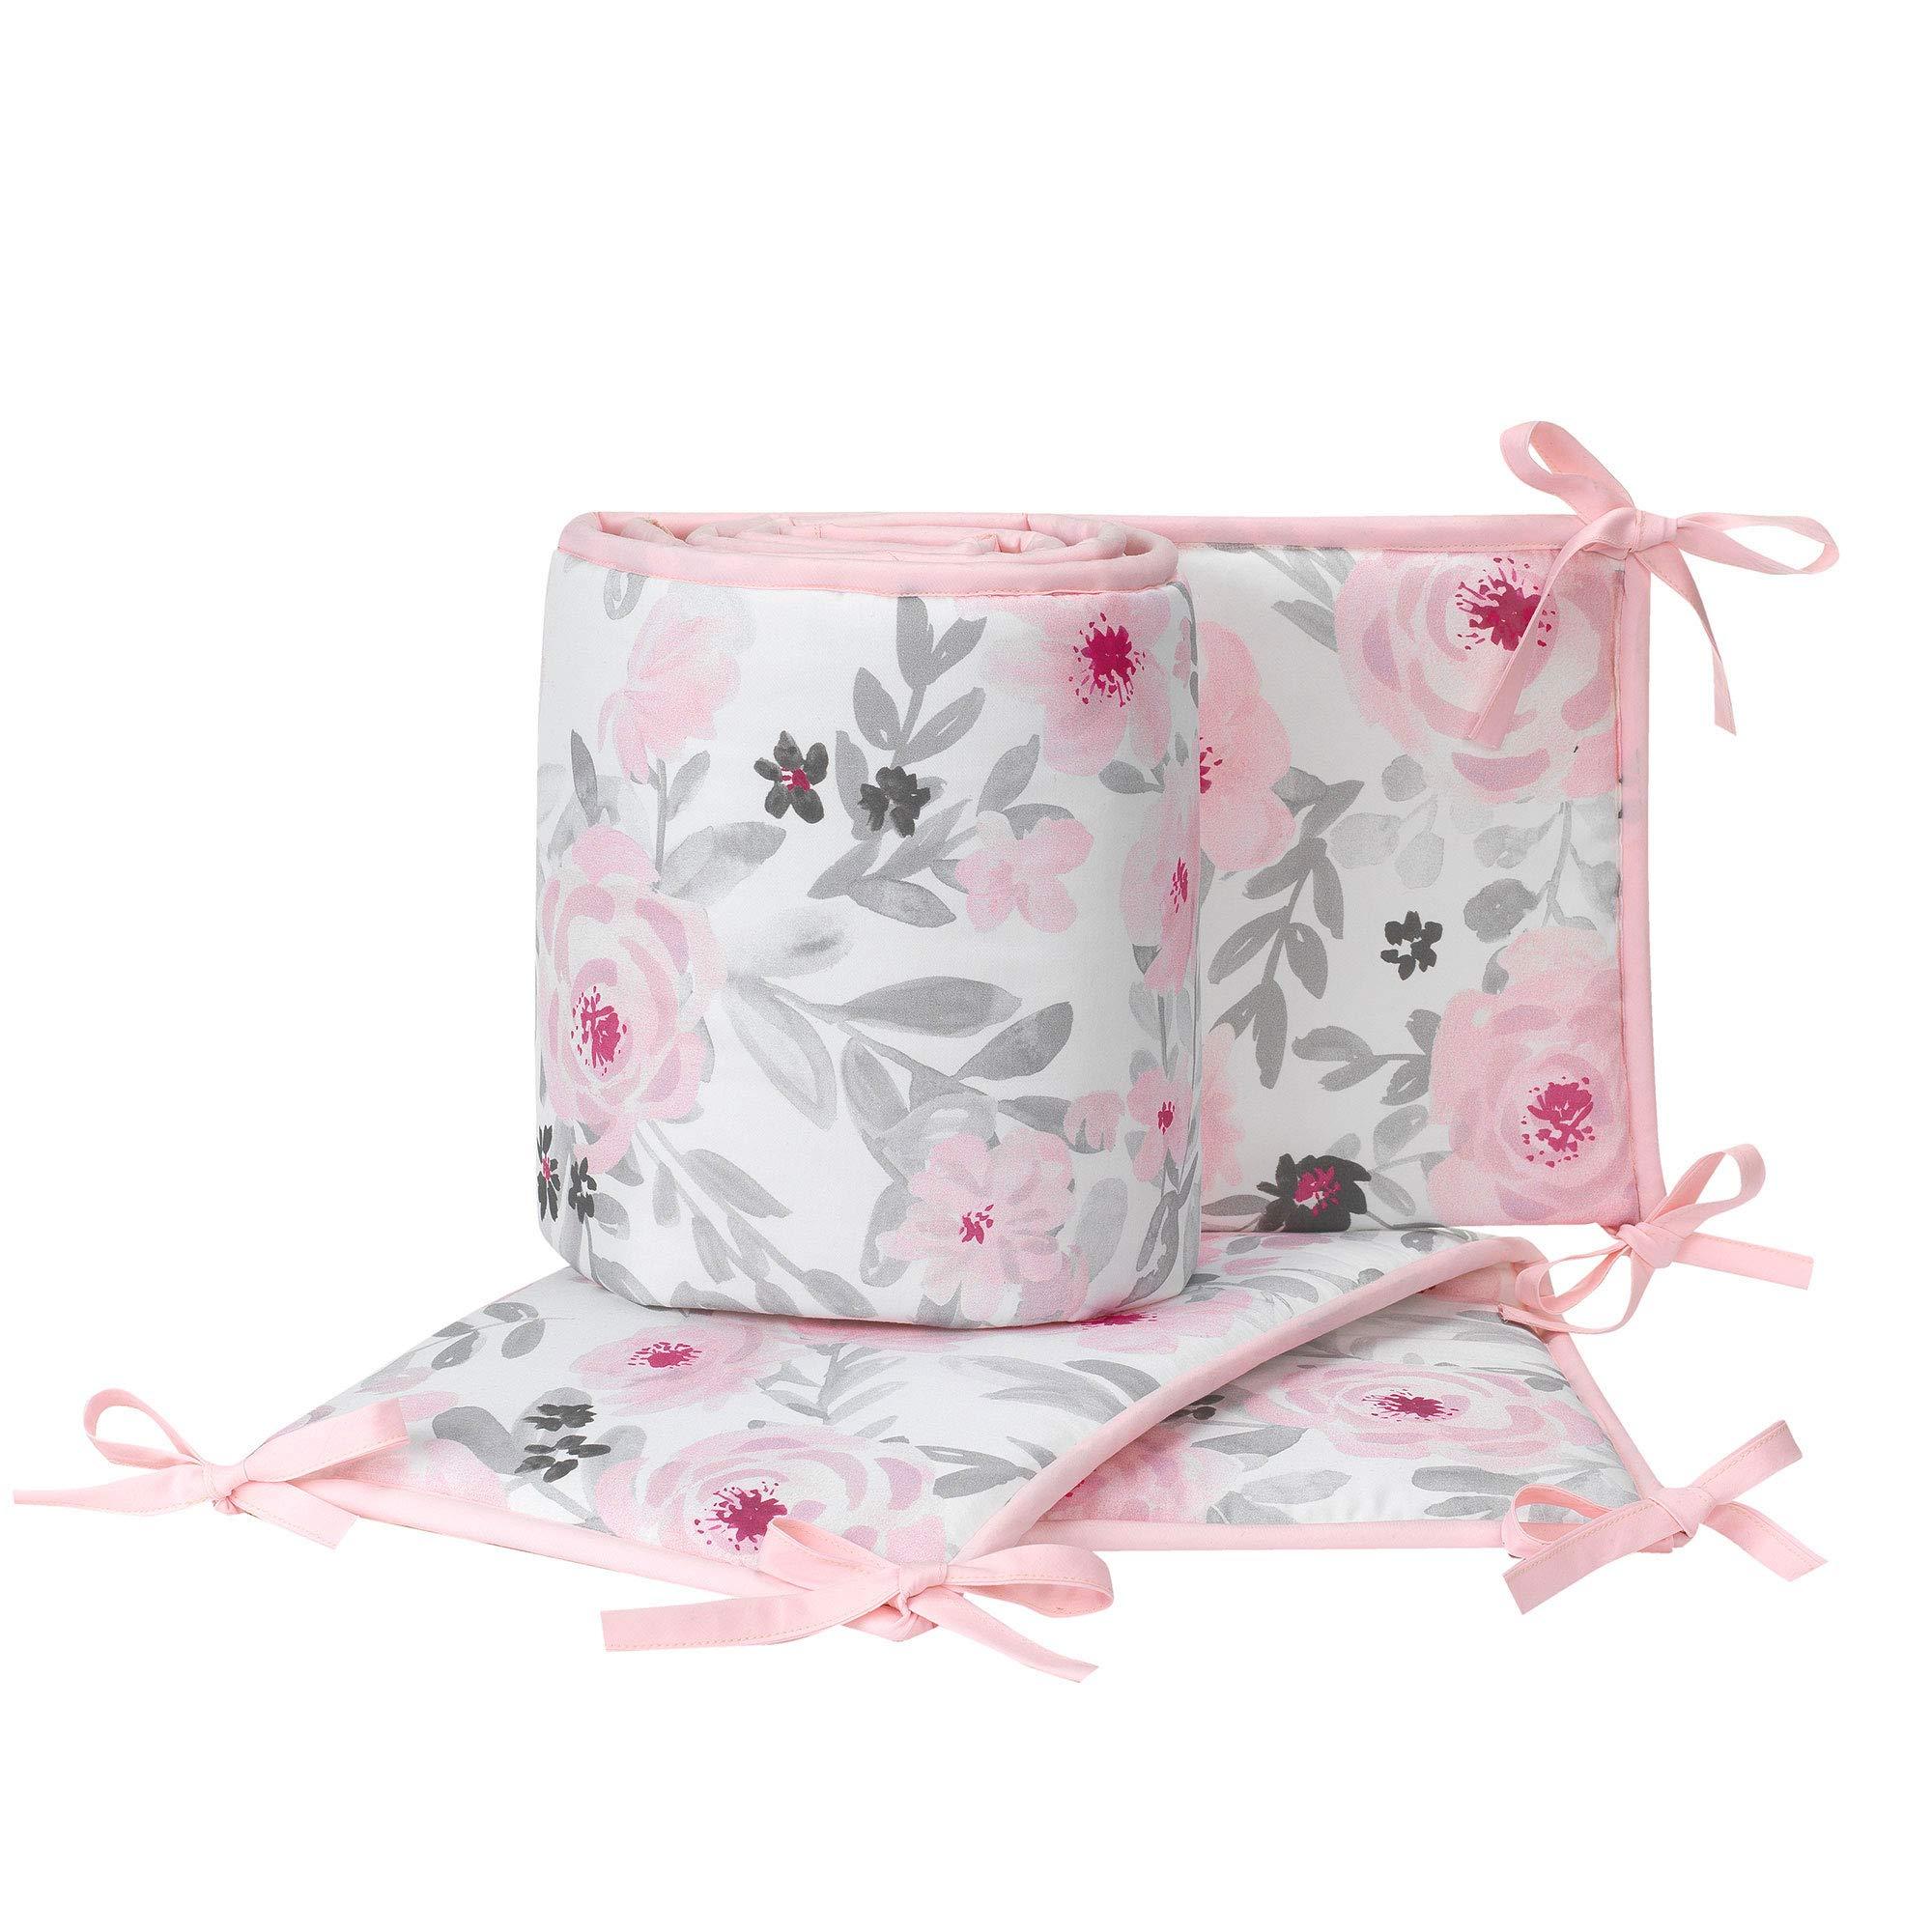 Bedtime Originals Blossom Pink/Gray Watercolor Floral 4-Piece Crib Bumper by Bedtime Originals